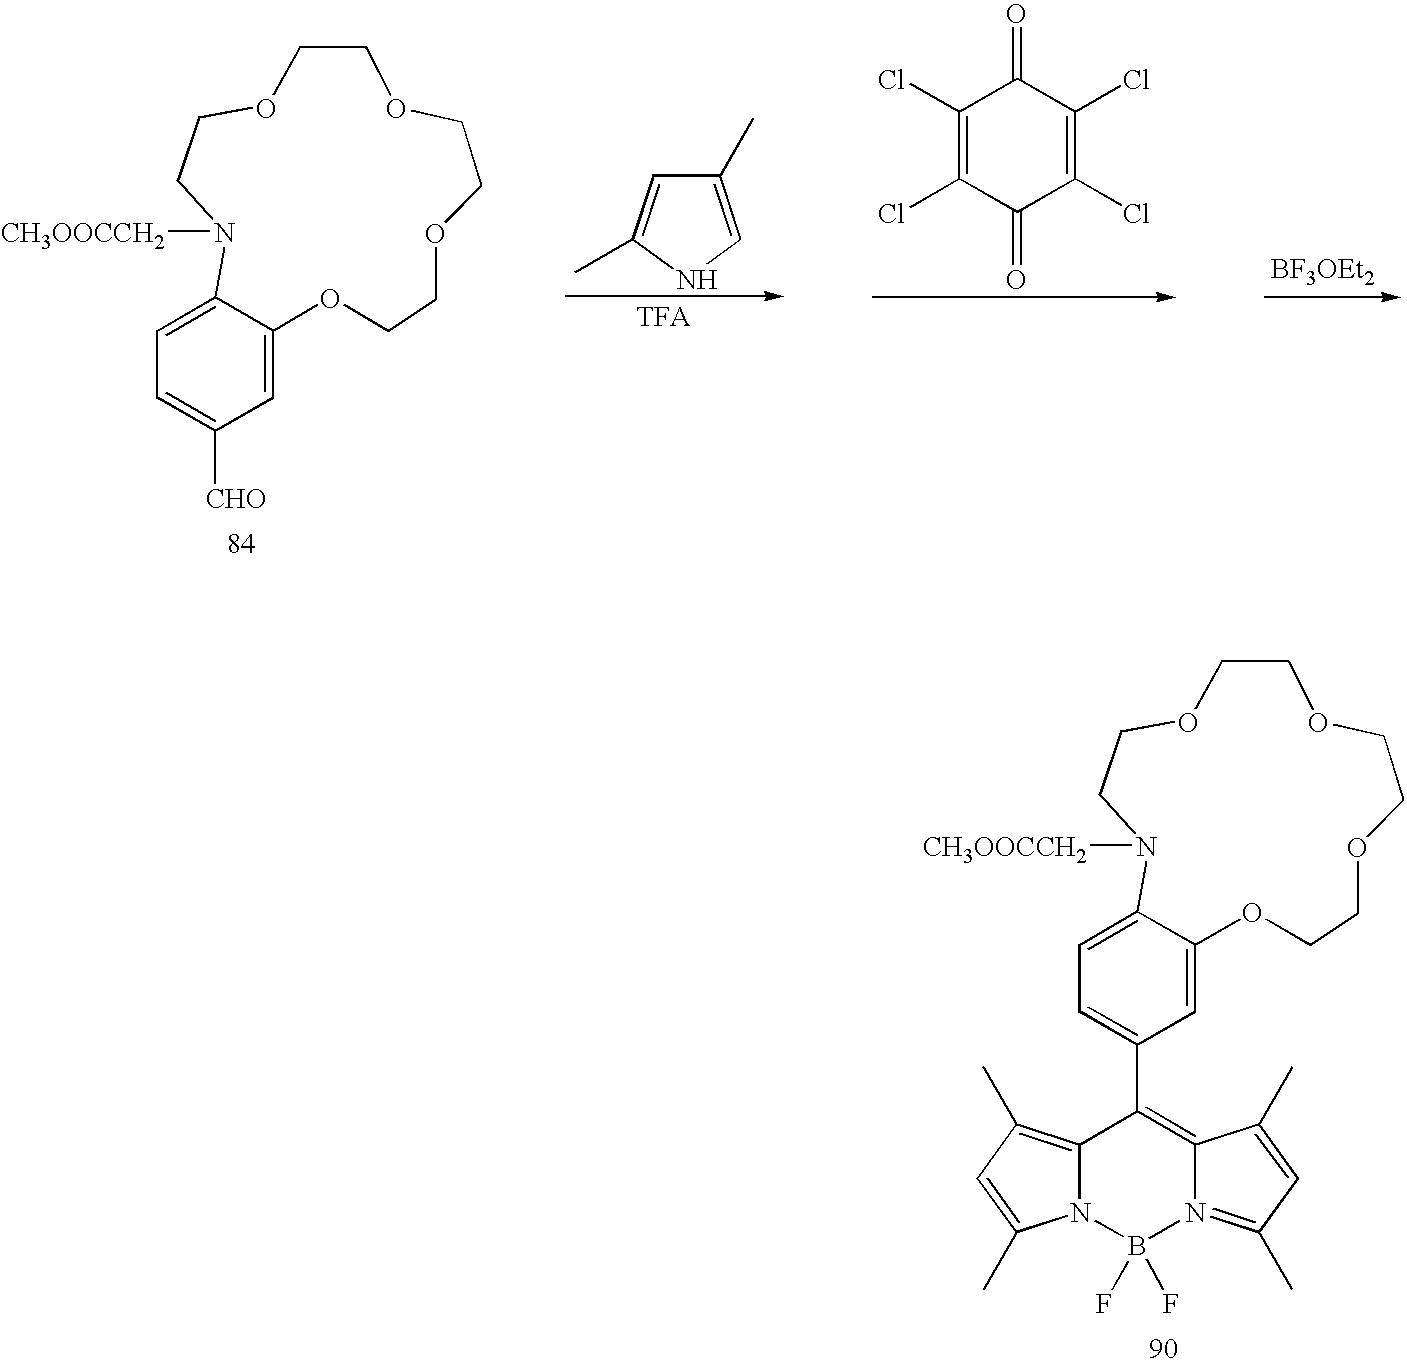 Figure US07579463-20090825-C00117